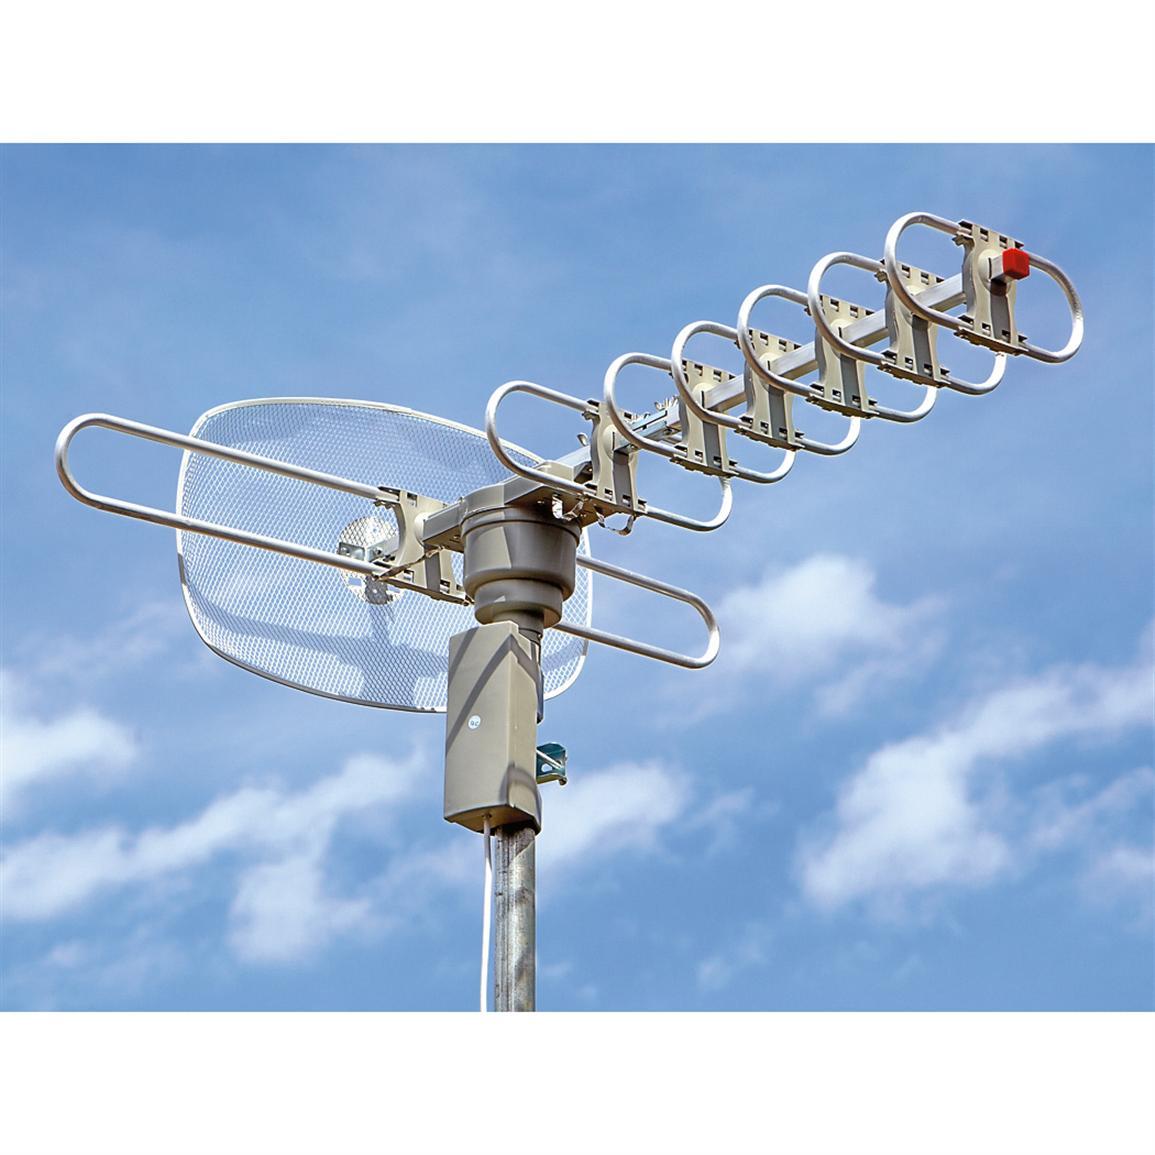 Antenna wave propagation